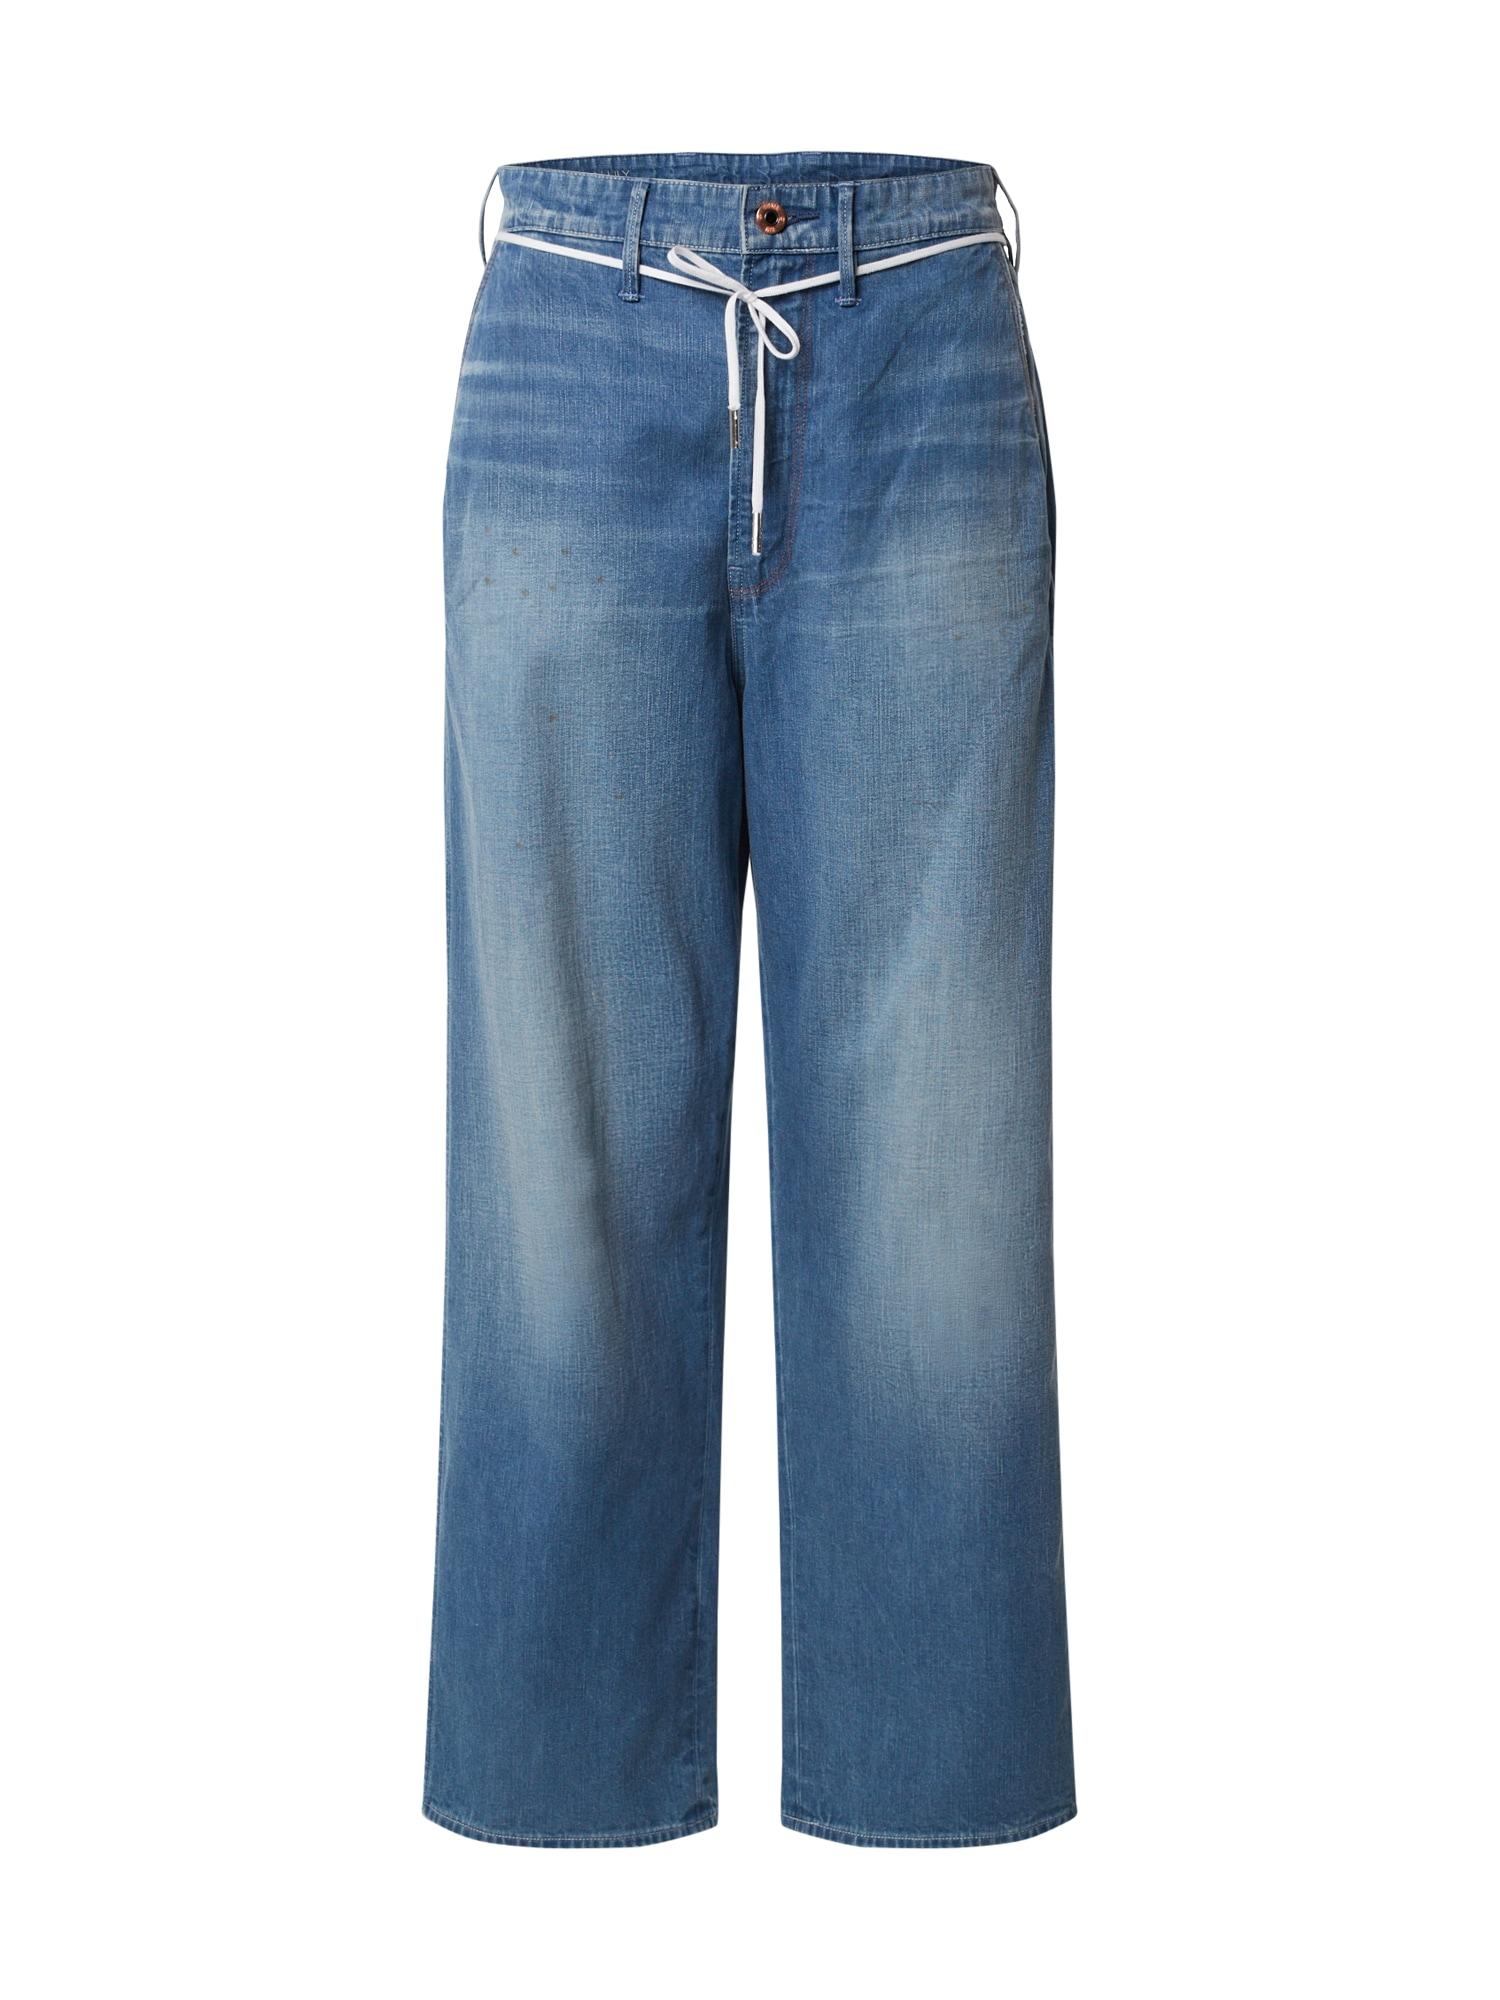 G-Star RAW Džinsai 'Lintell High Dad' tamsiai (džinso) mėlyna